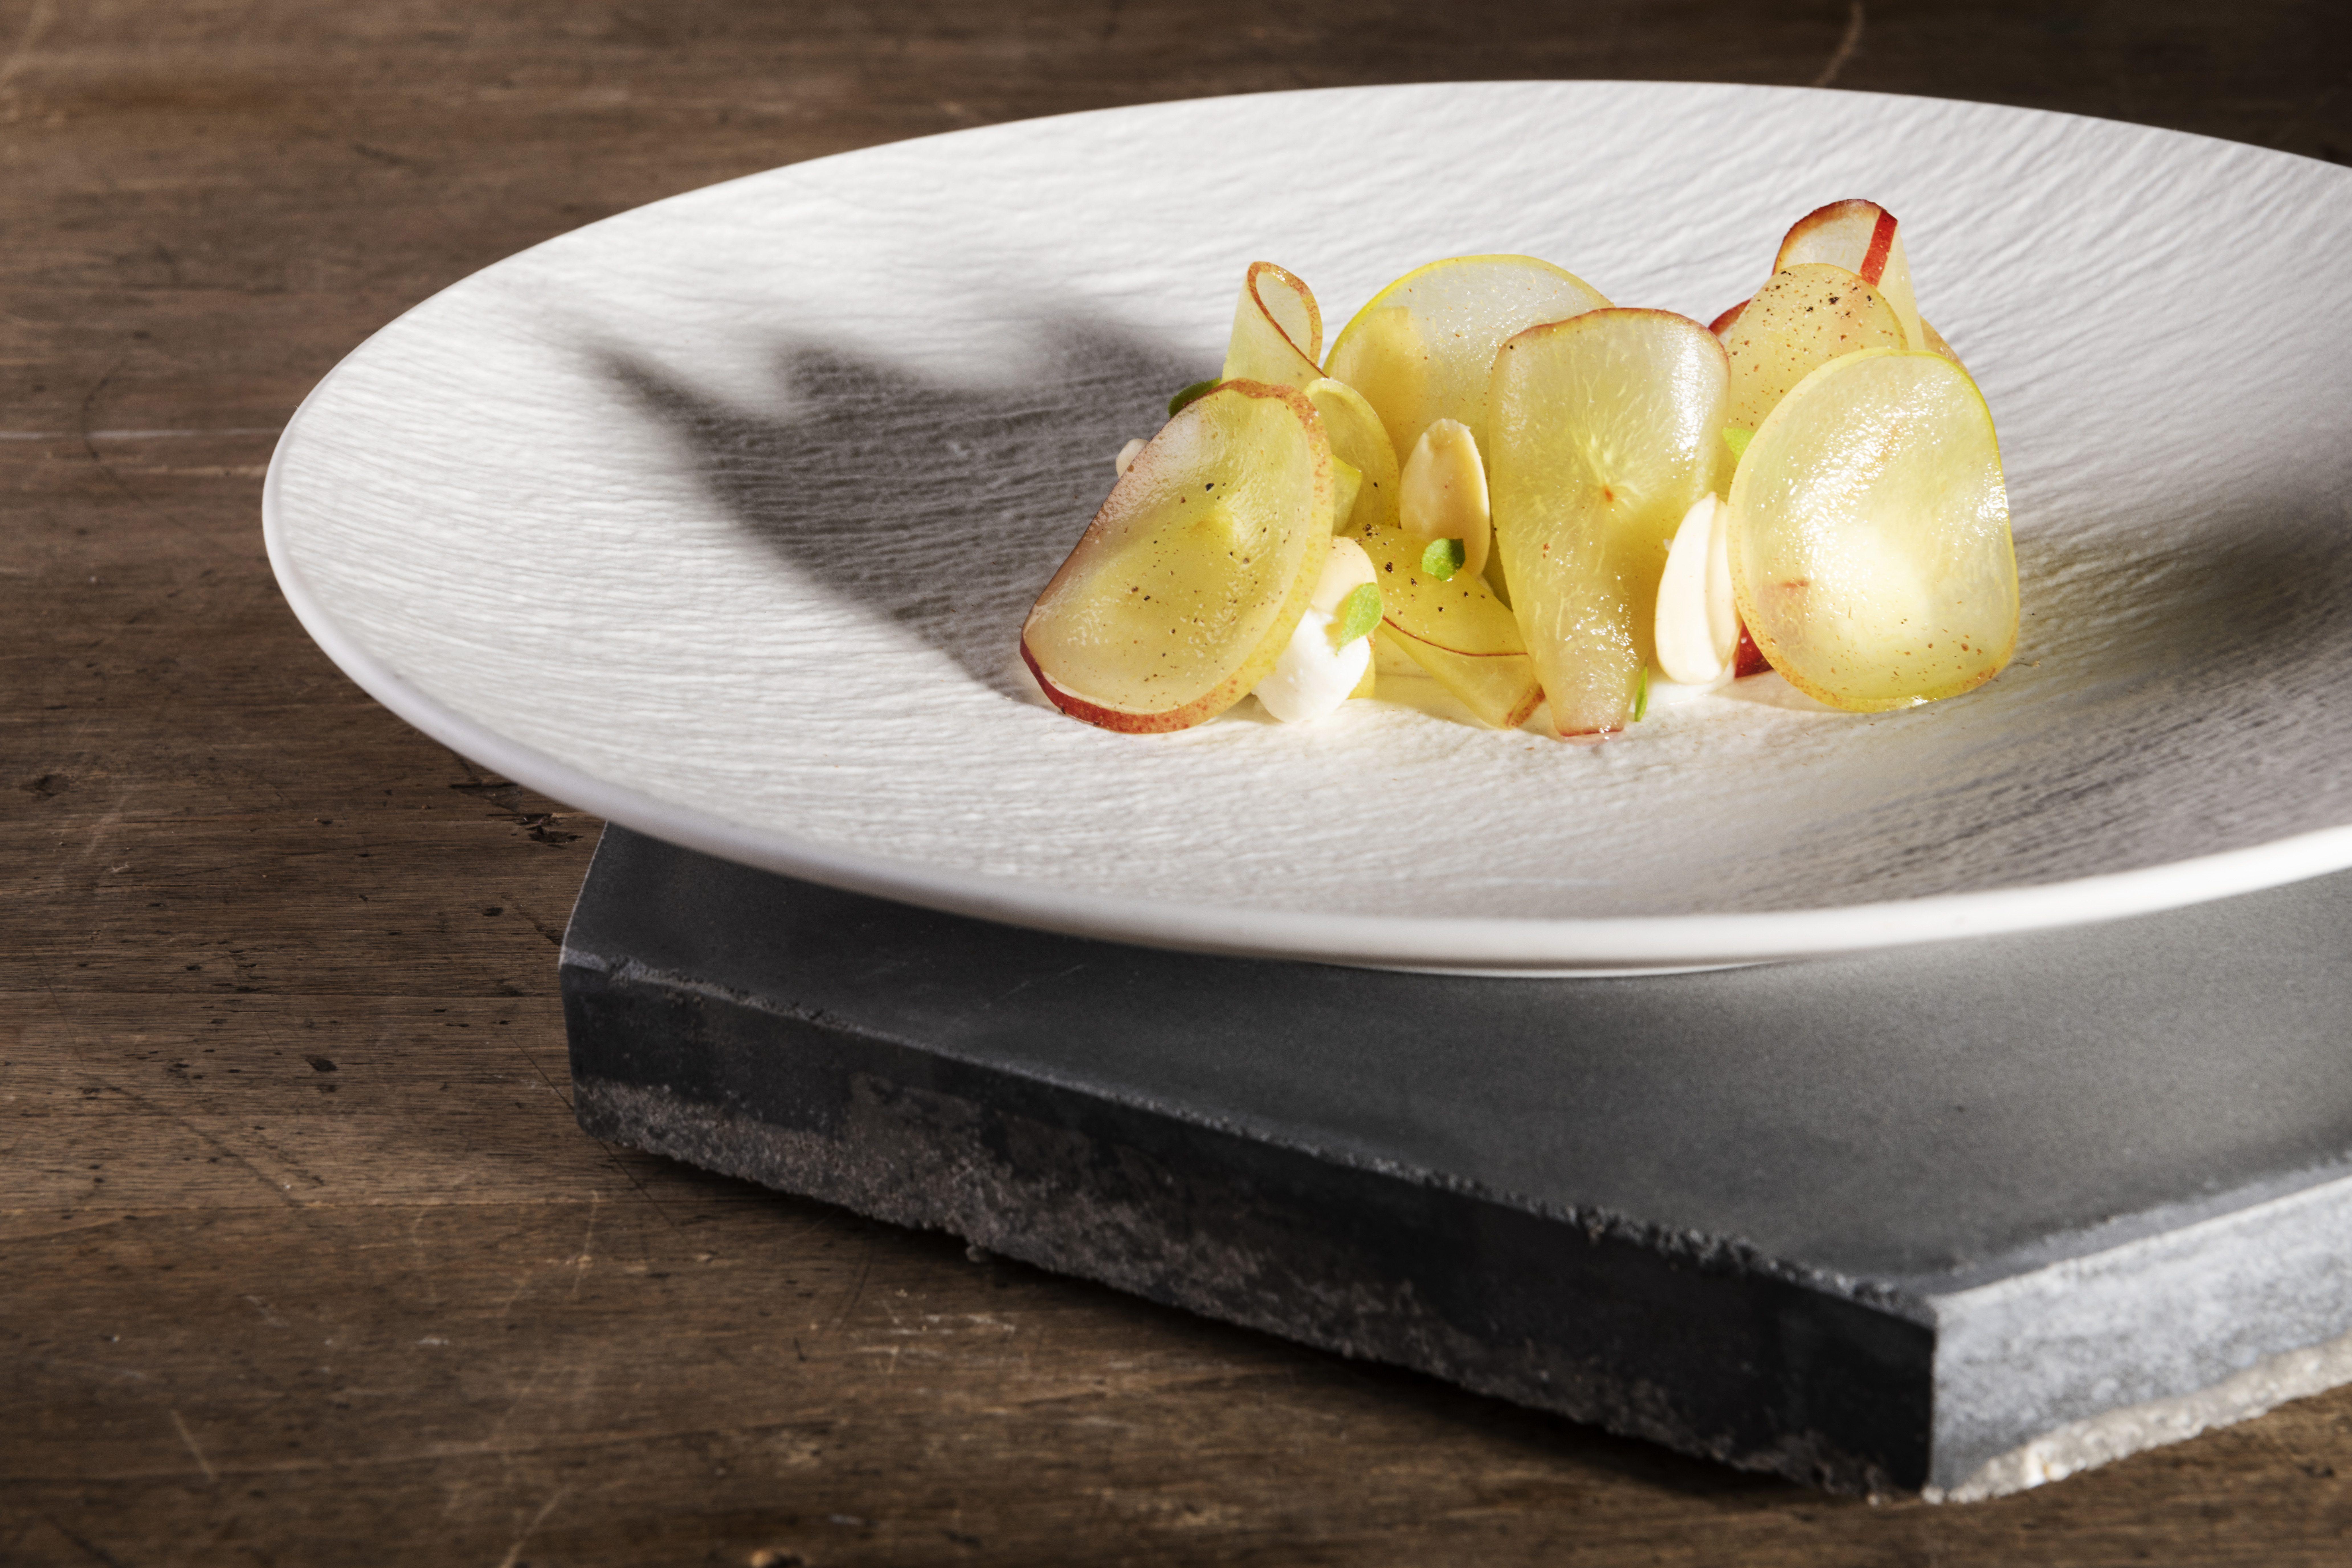 Impazza il delivery, ecco i più interessanti: dagli chef stellati al sushi fatto in casa